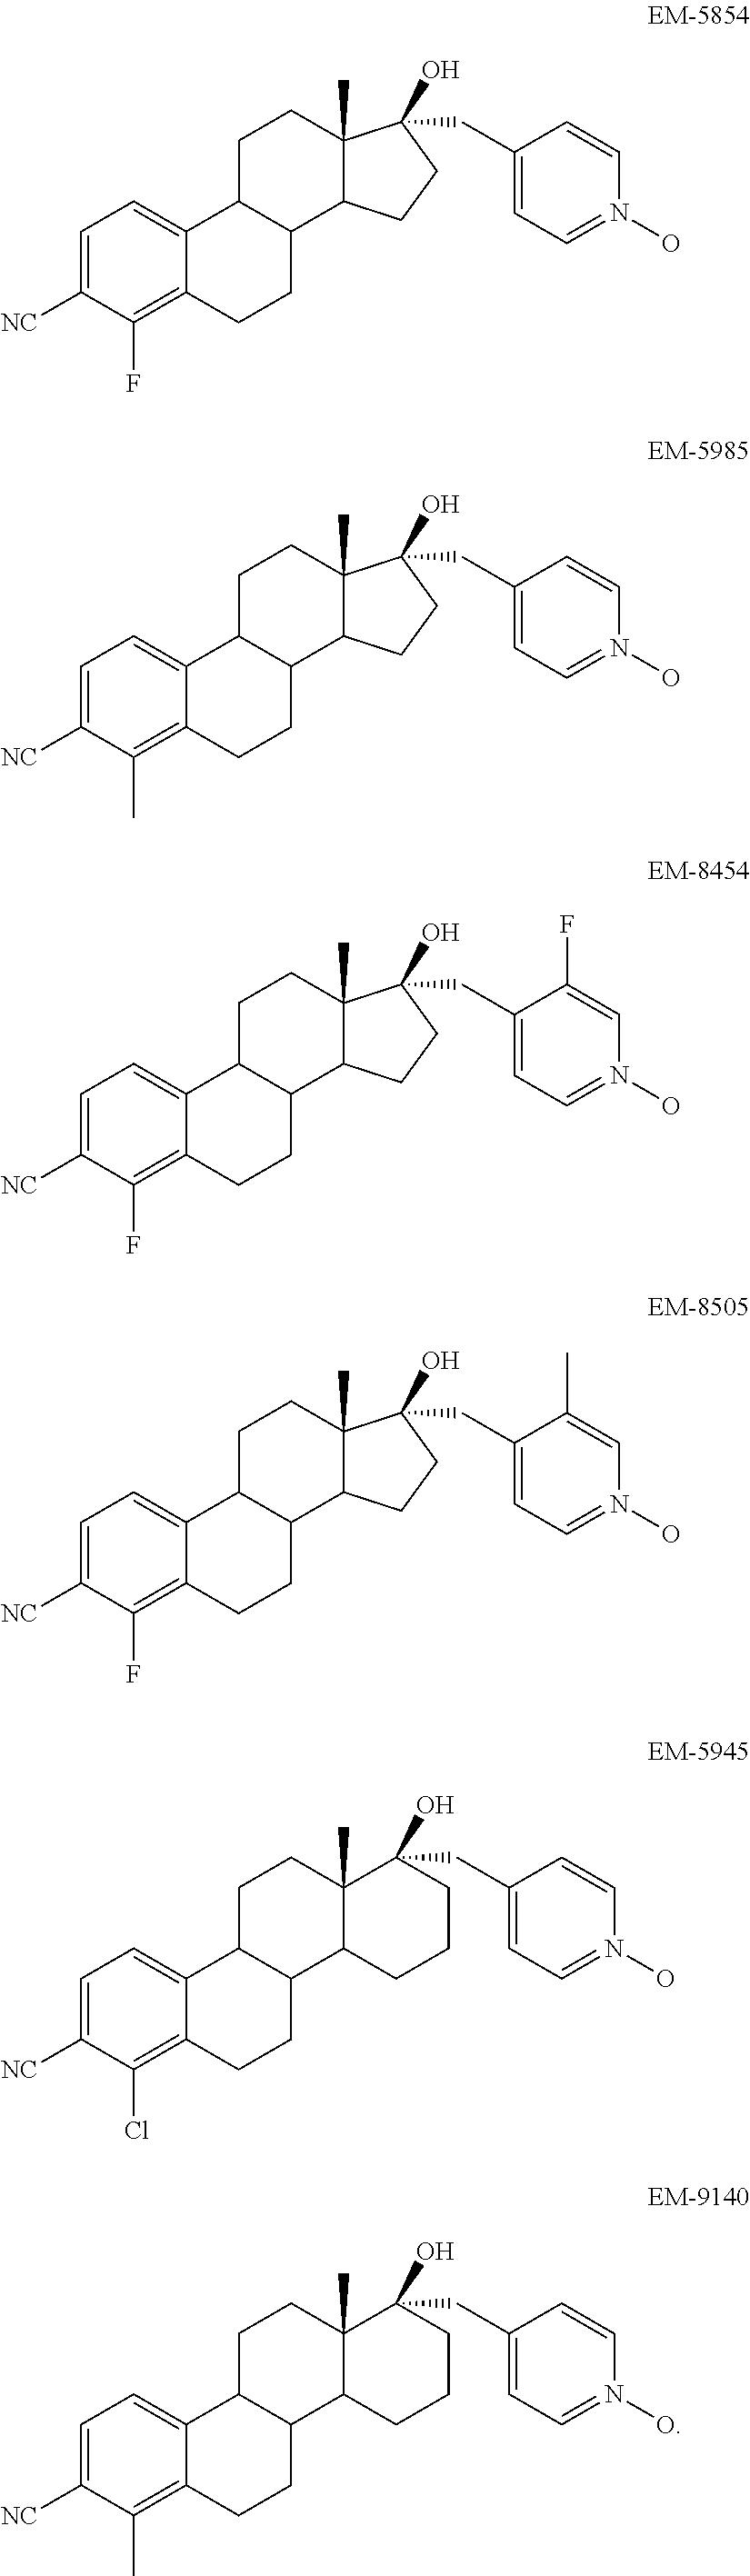 Figure US09284345-20160315-C00060